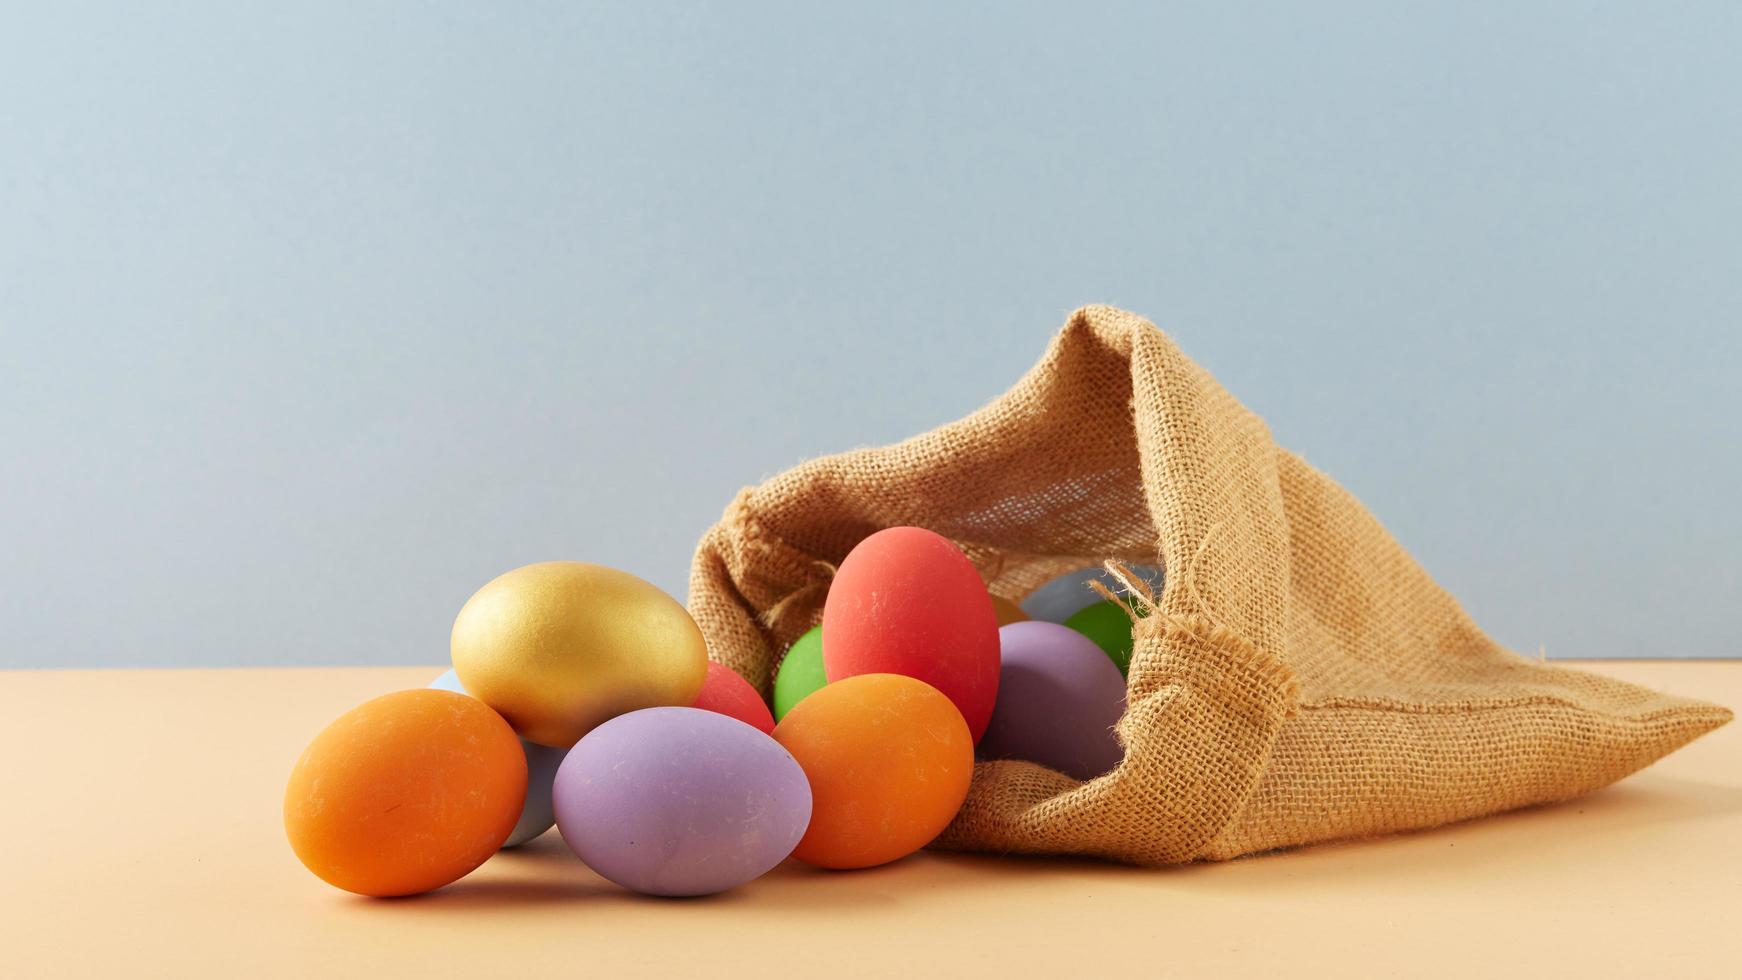 uova di Pasqua in borsa foto